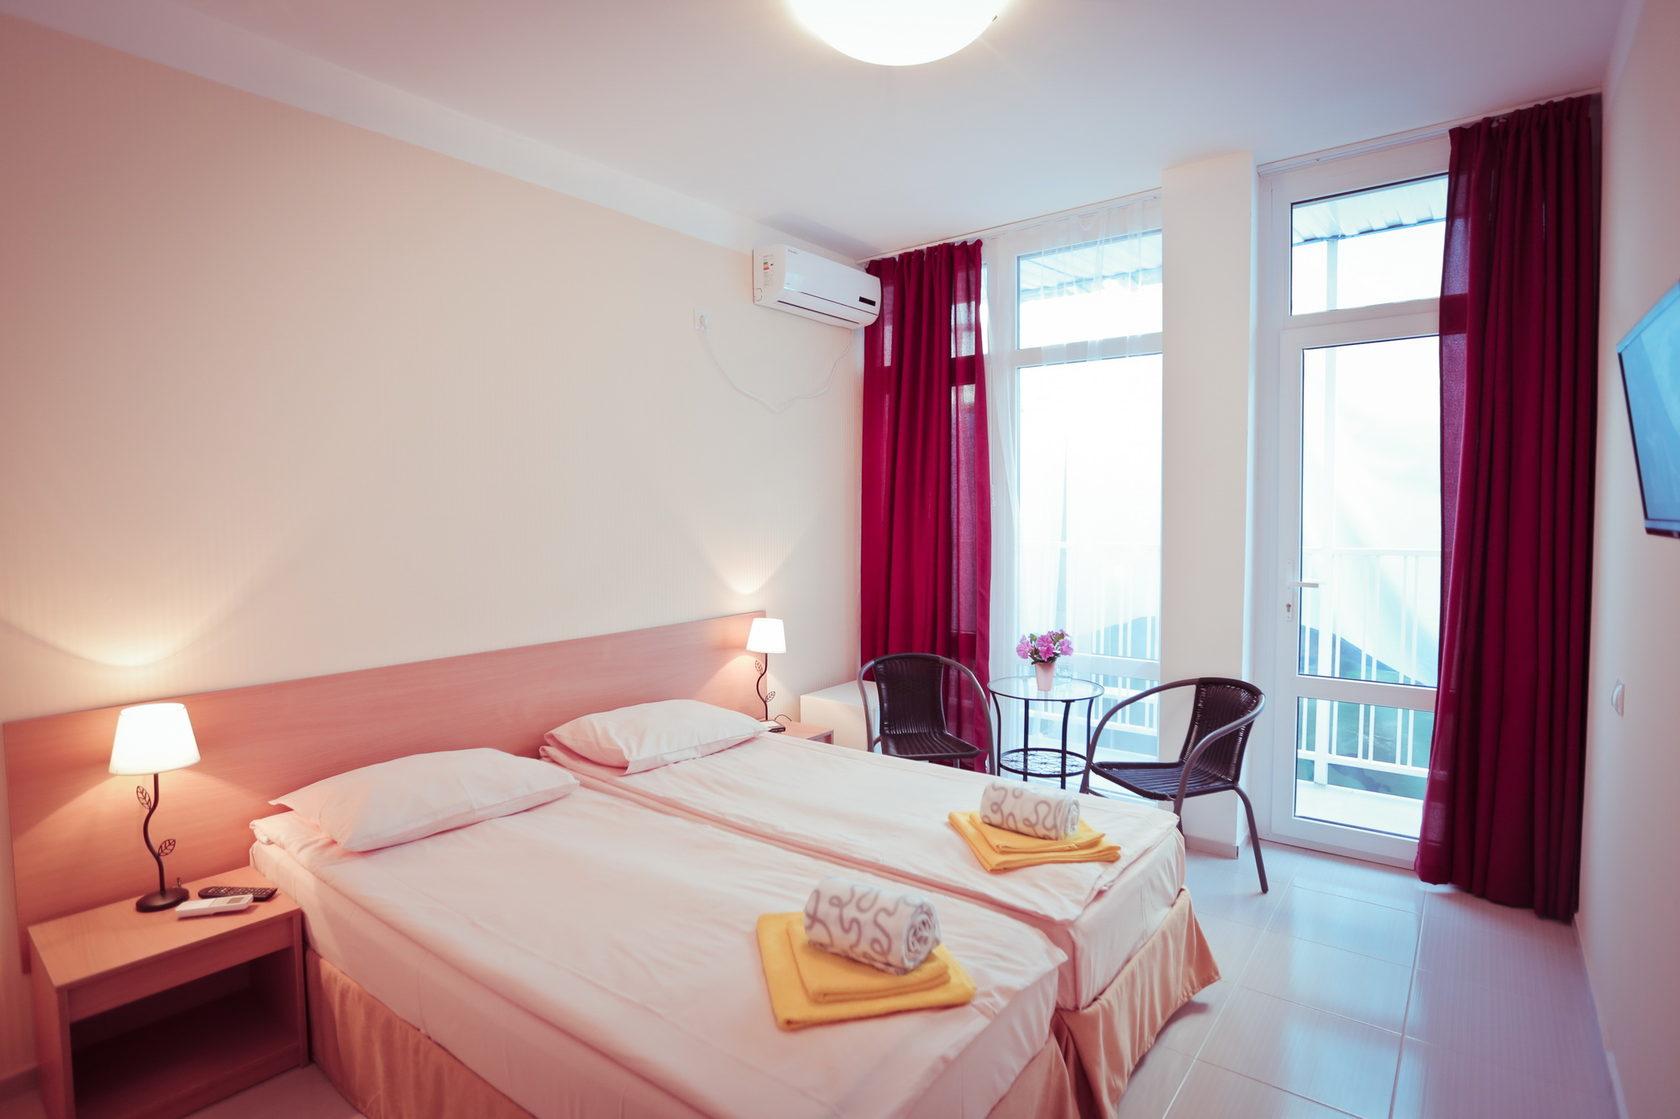 Двухместный номер с панорамными окнами в отеле Марсель, Лермонтово